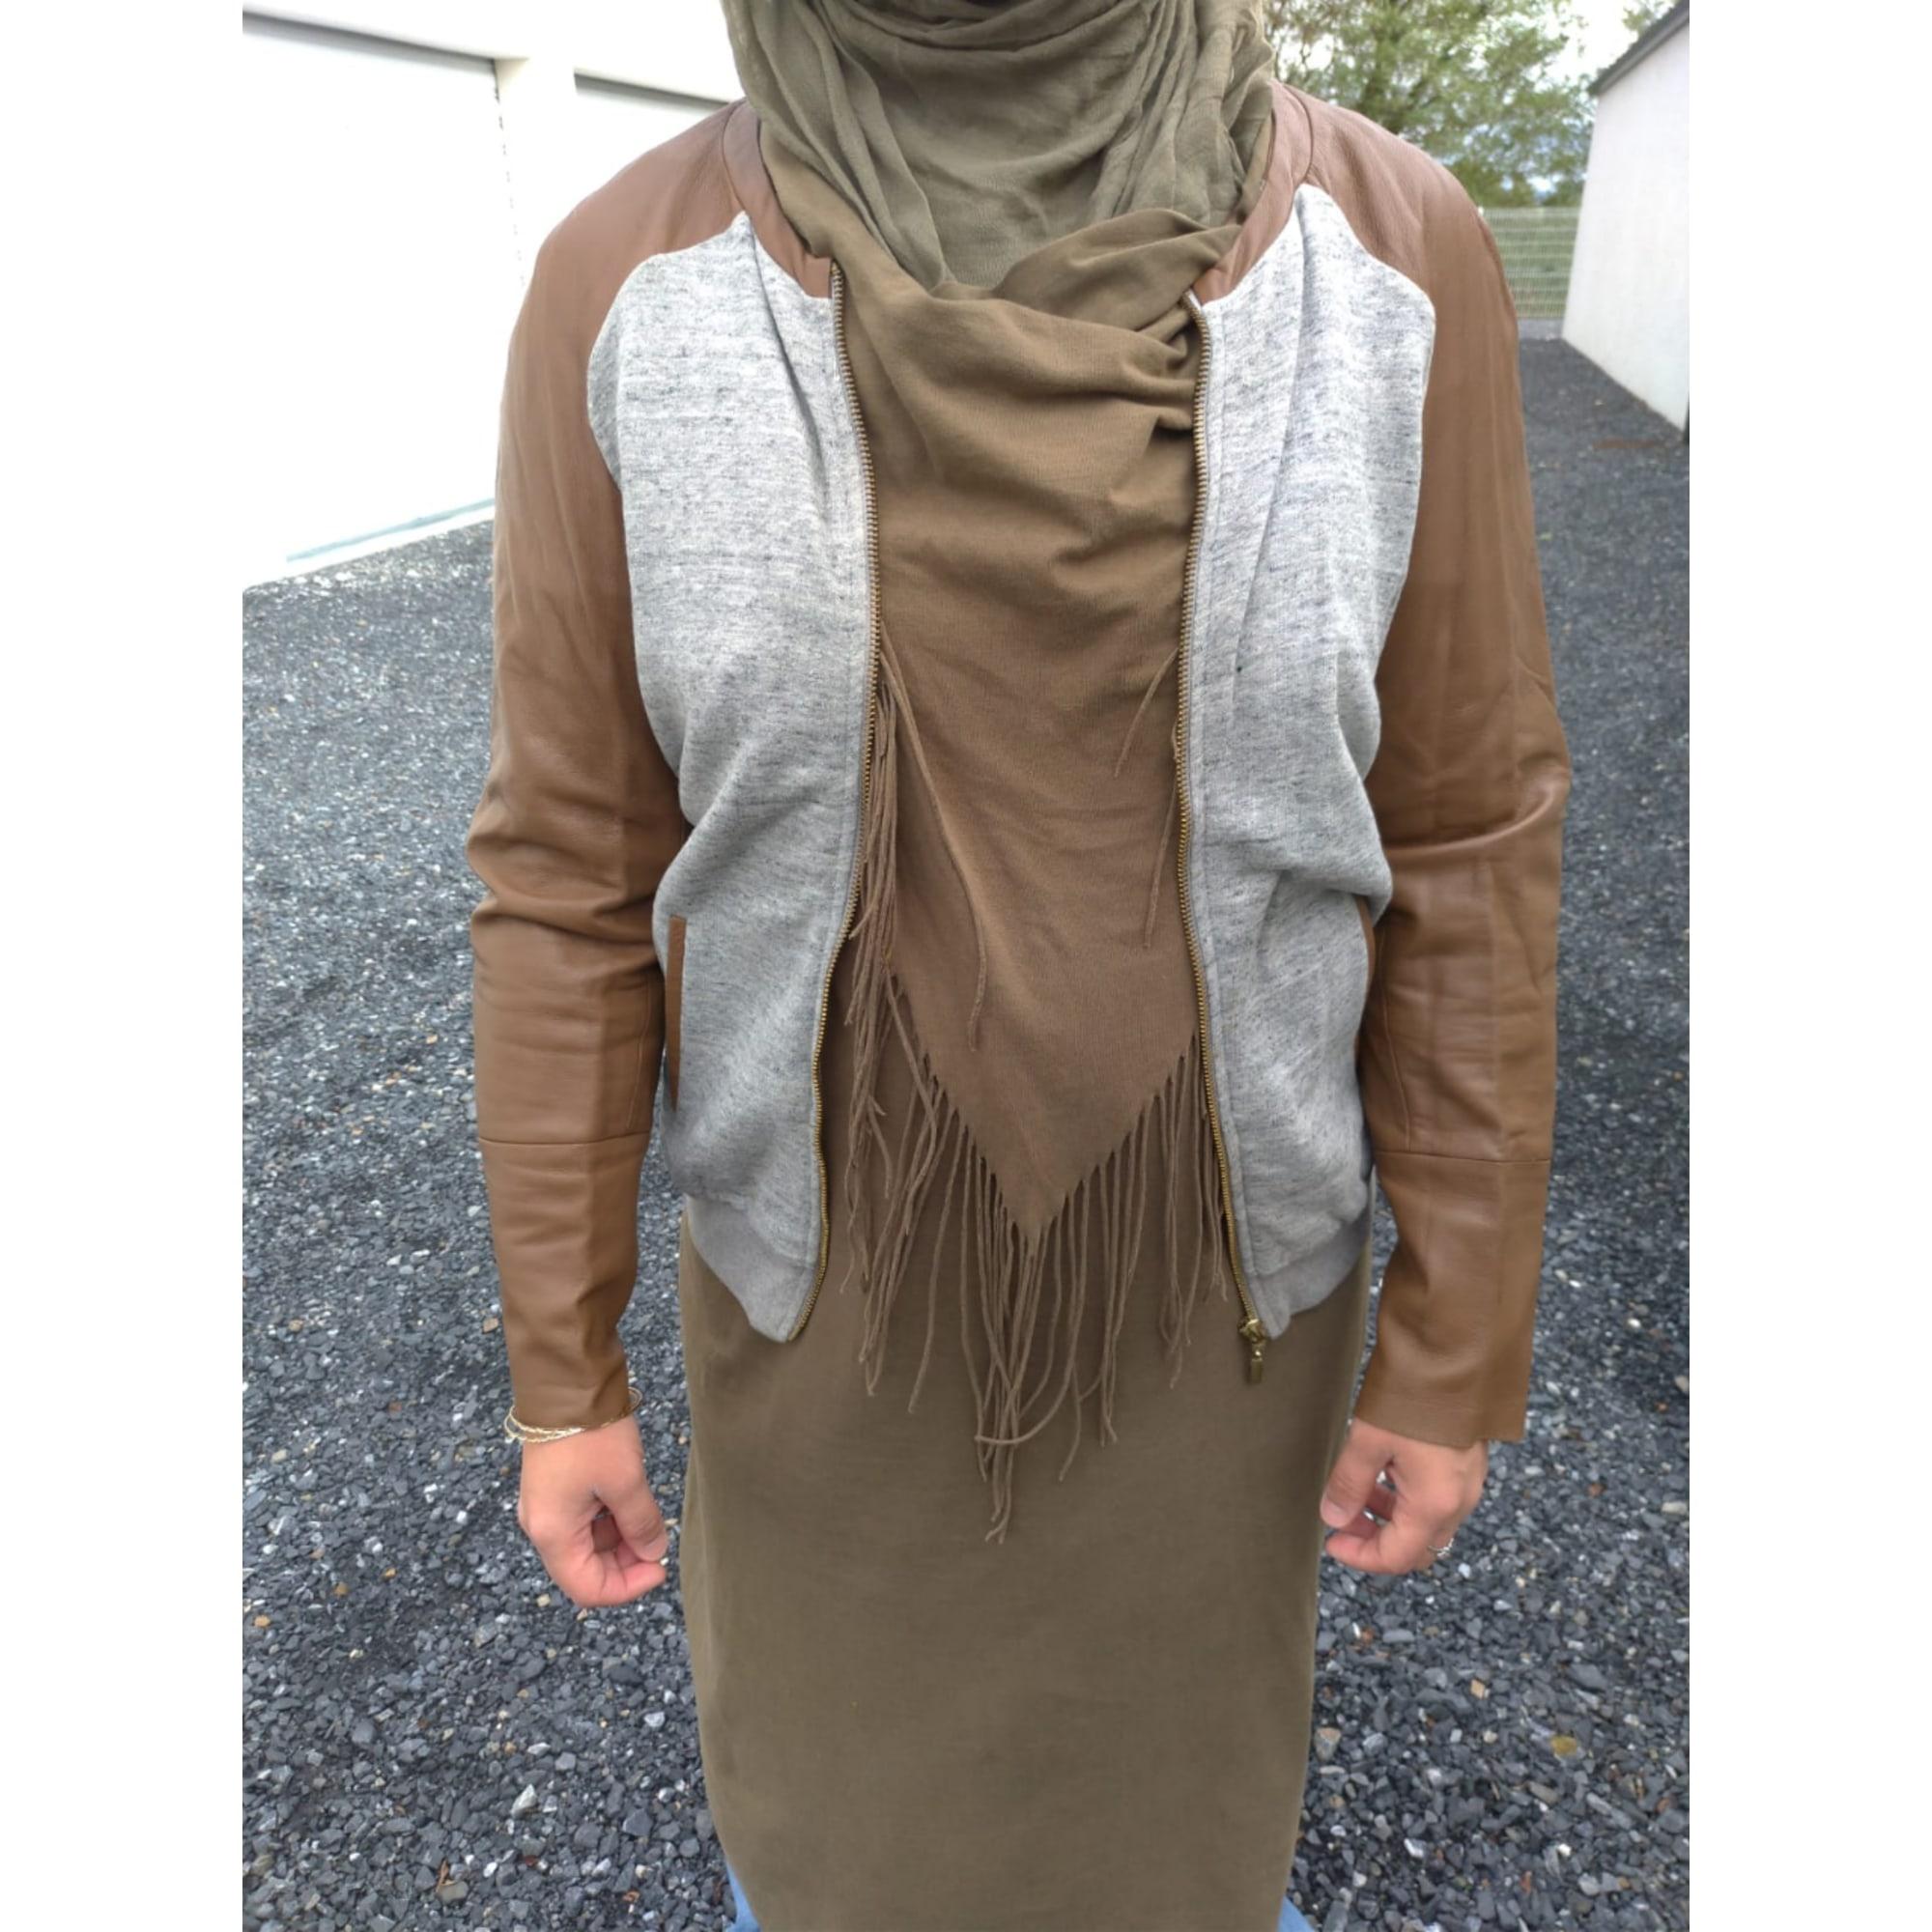 Blouson MAJE Beige, camel